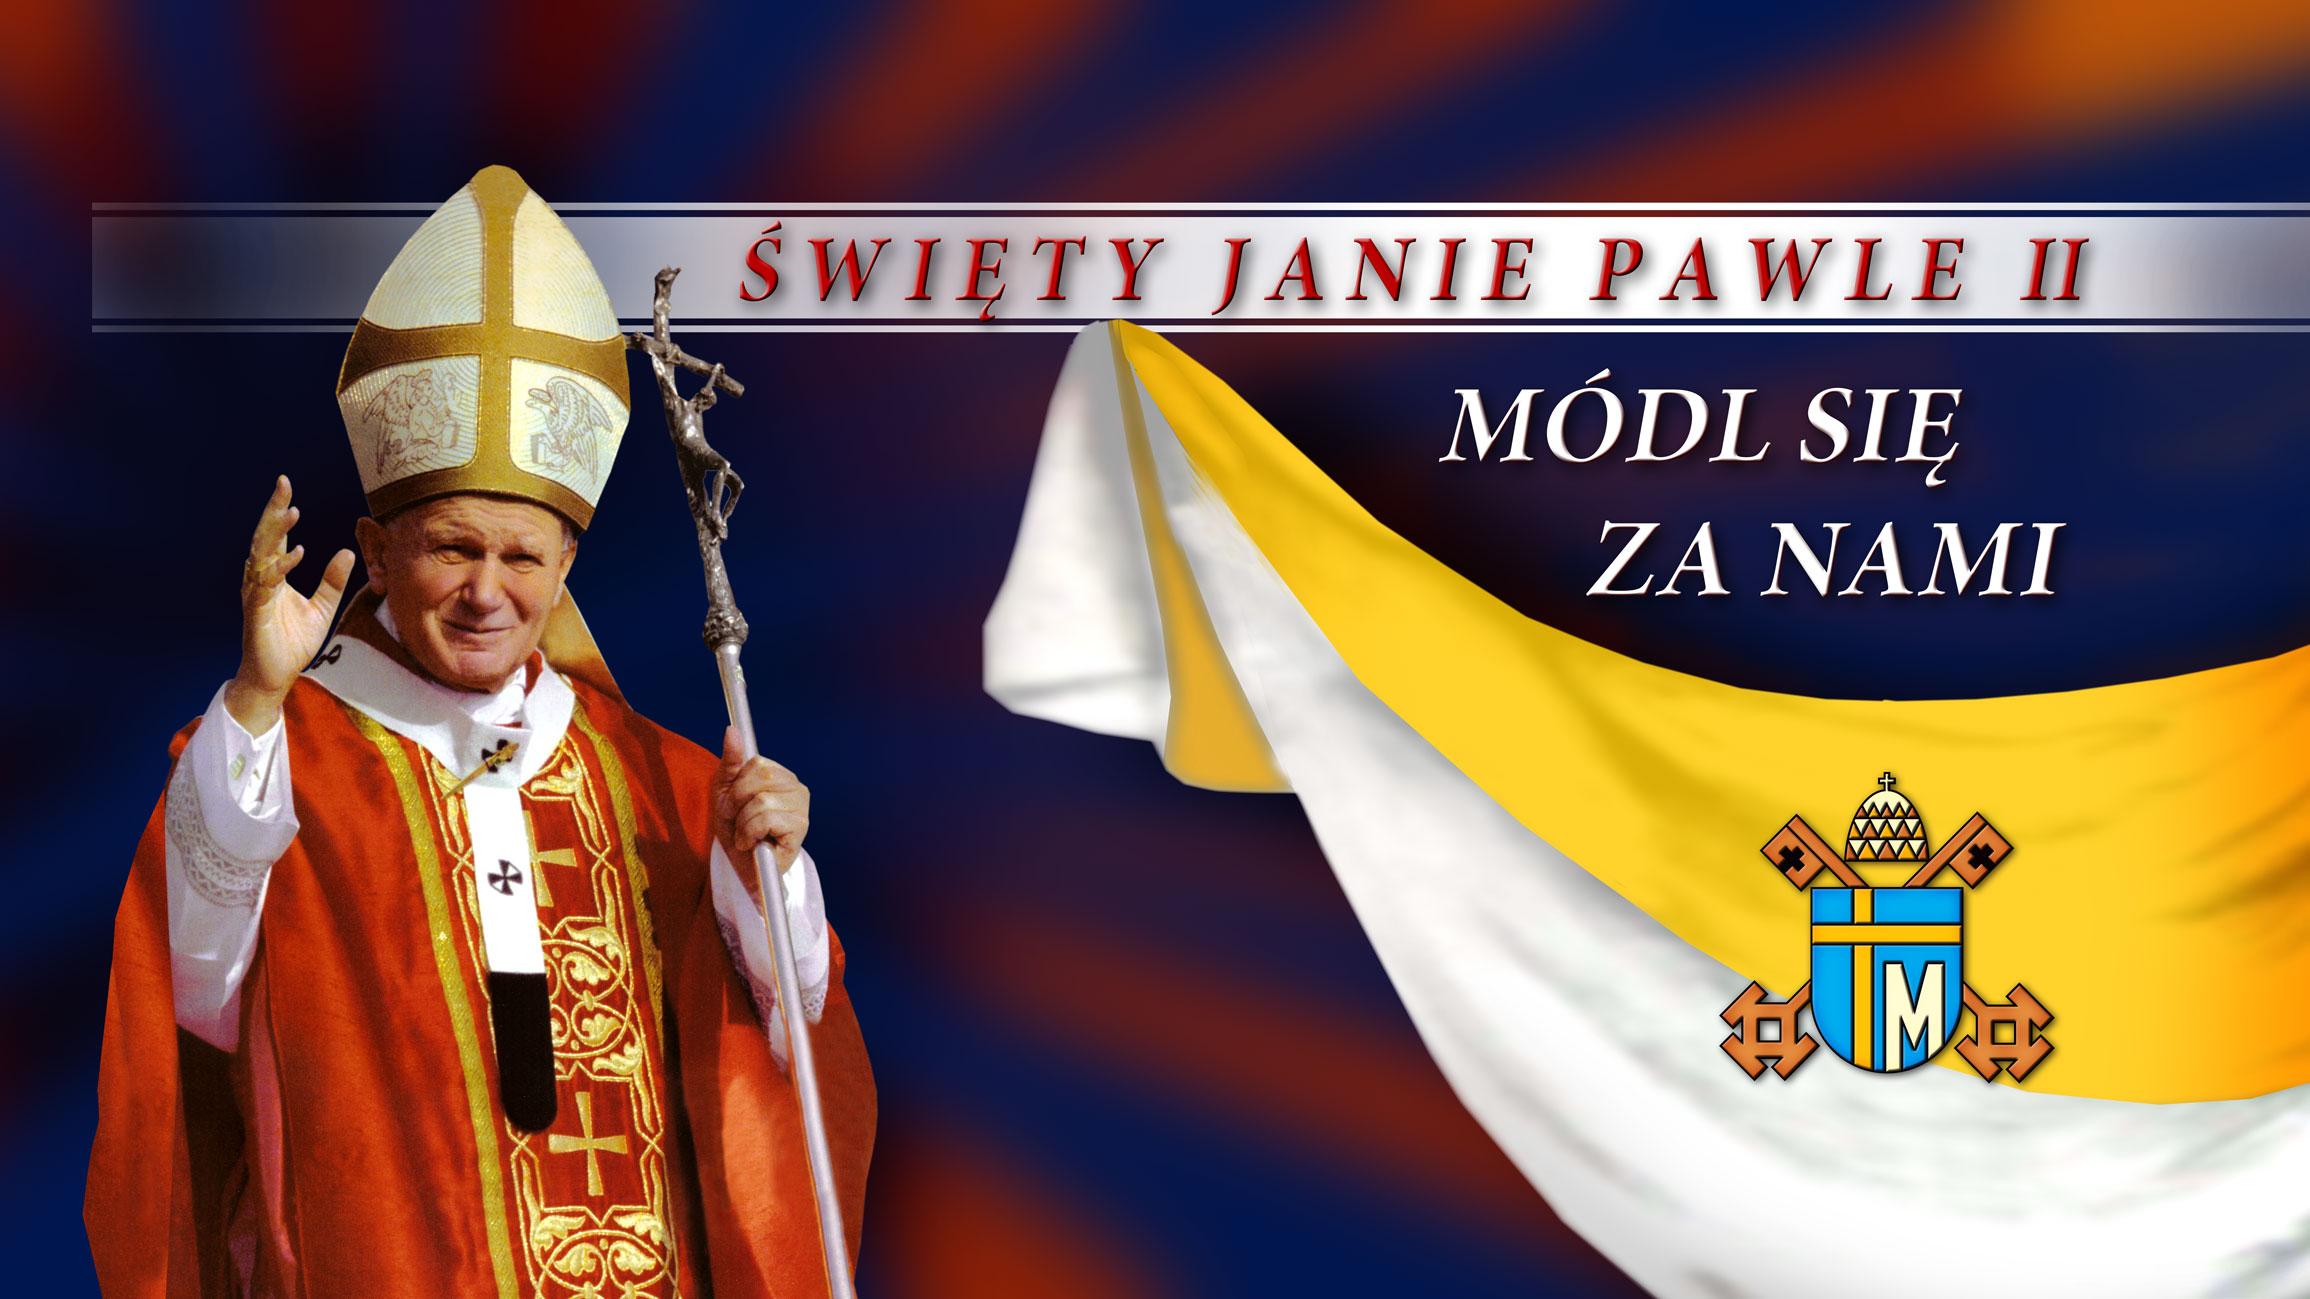 Swiety Jan Pawel II - Dekoracja do Kosciola